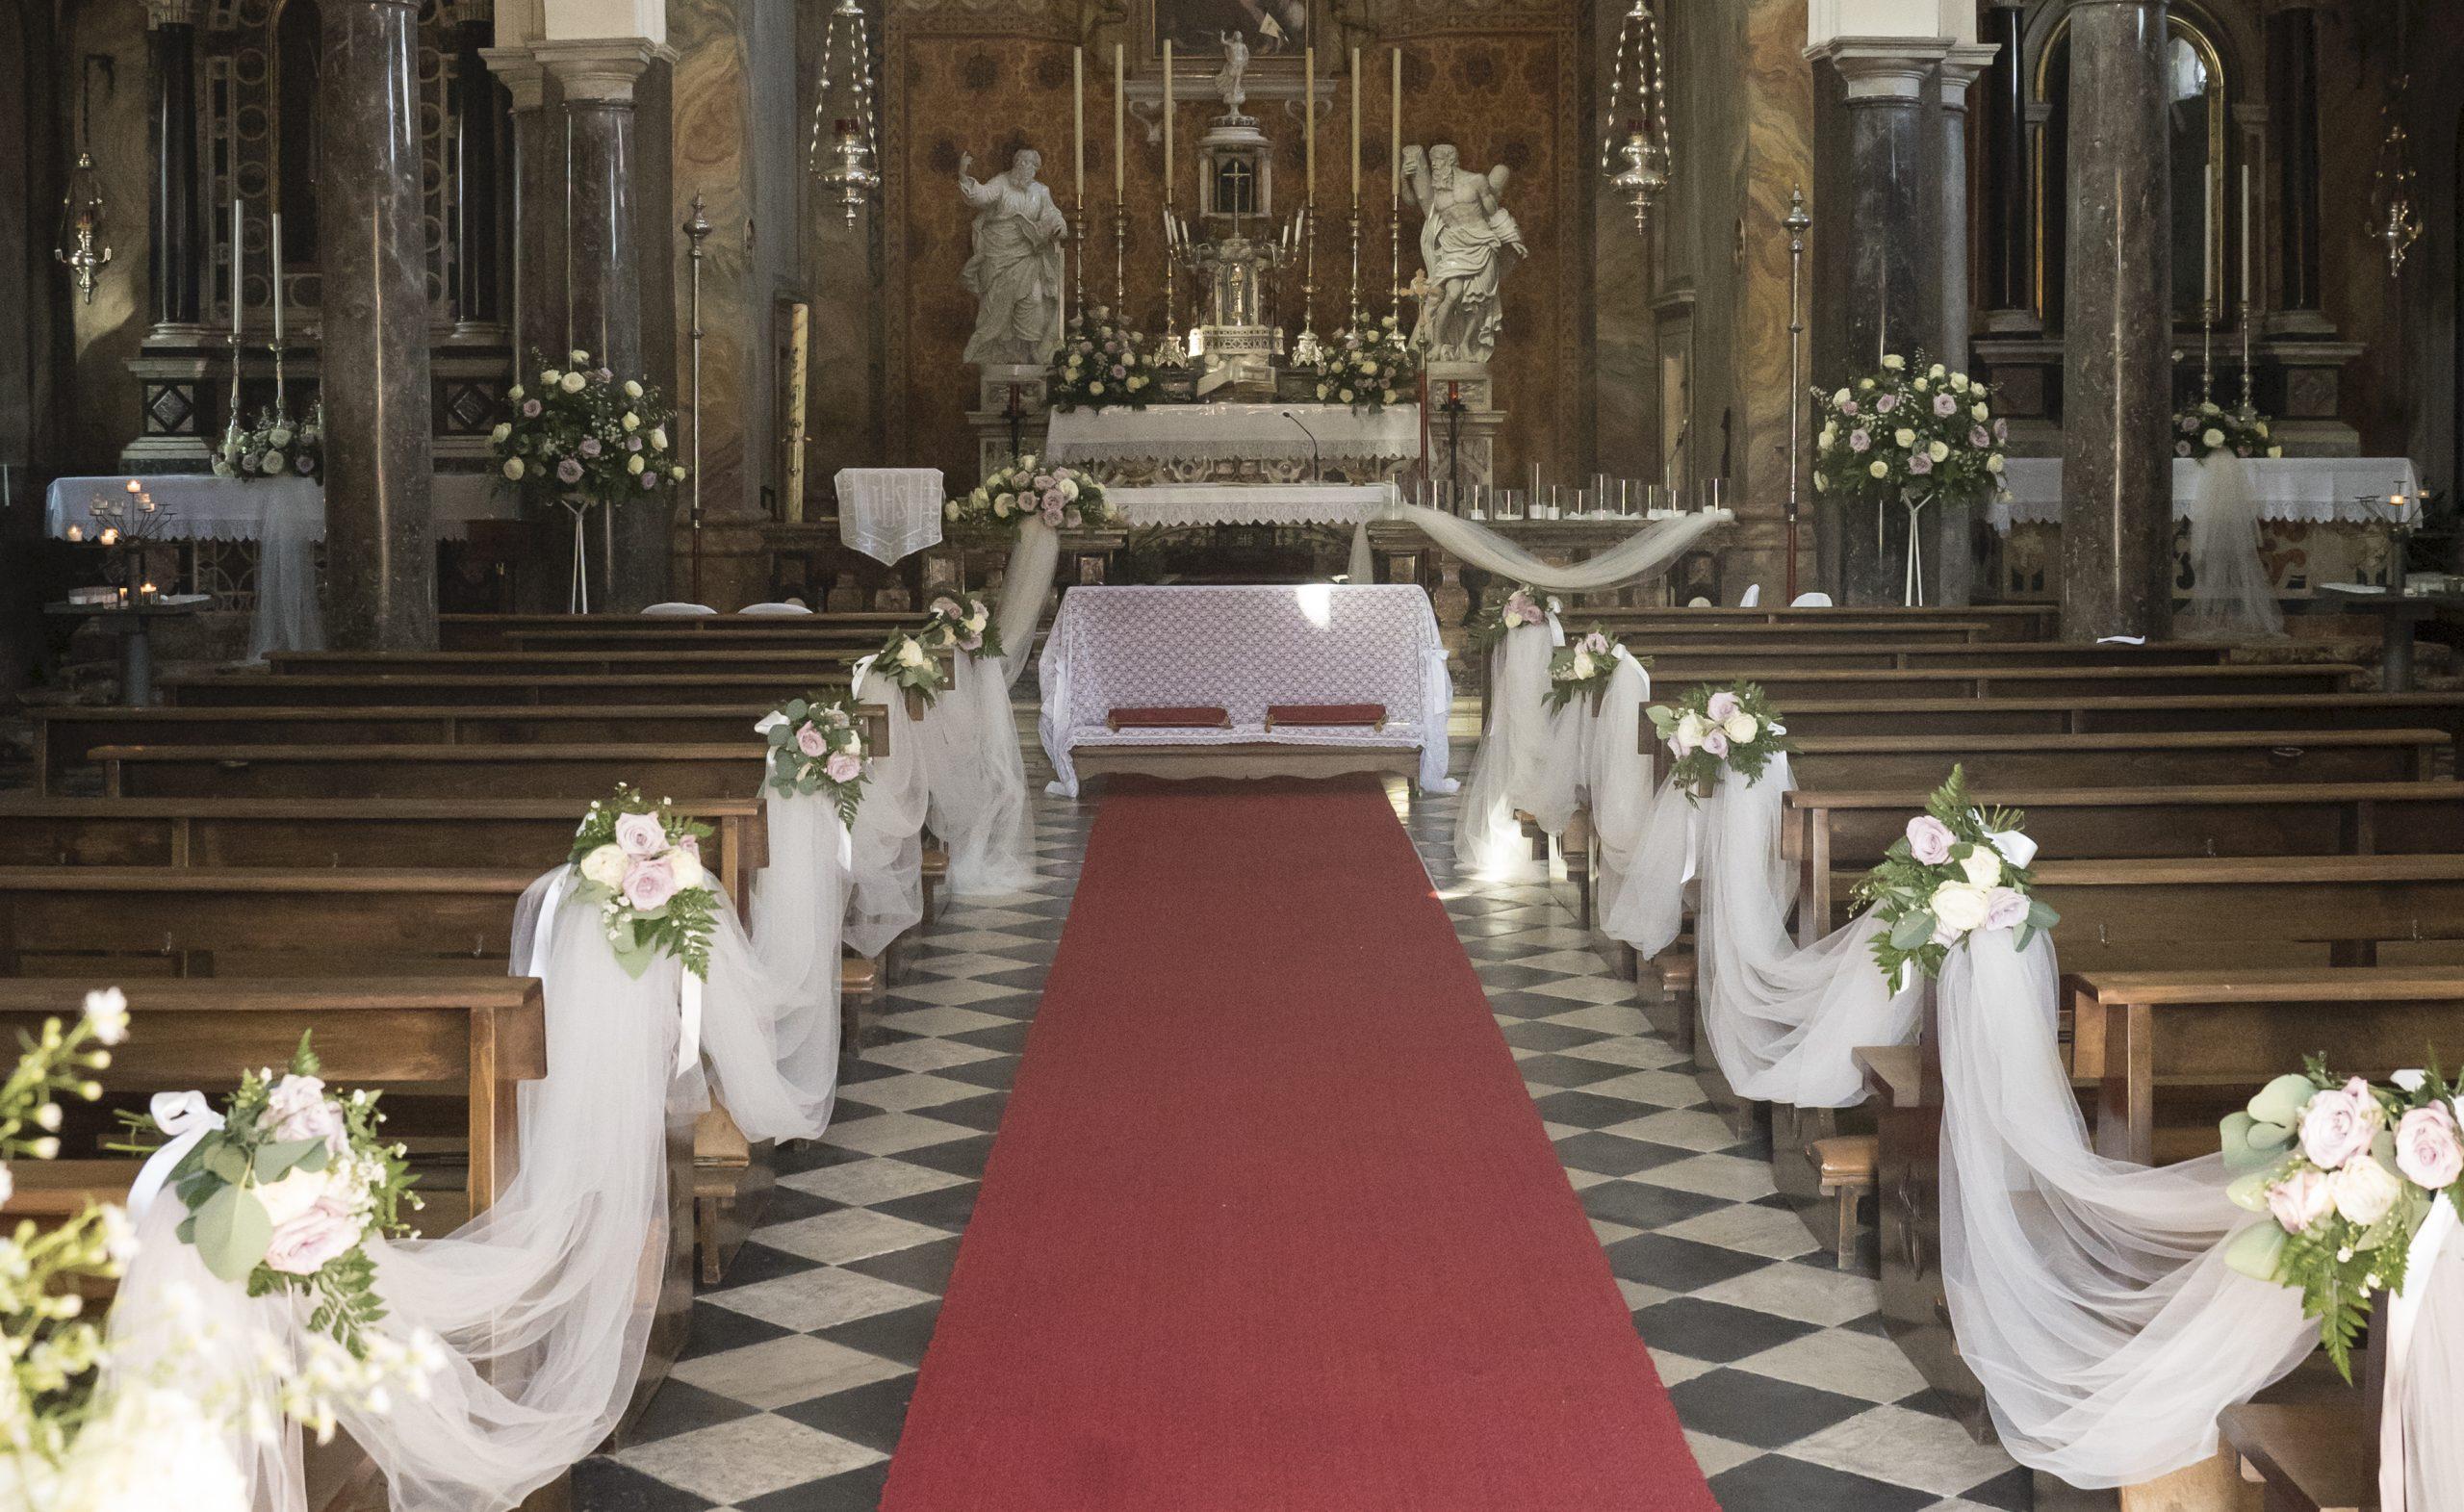 Come scegliere gli allestimenti floreali per il matrimonio perfetto: ne paliamo con la floral designer Michela Bratta